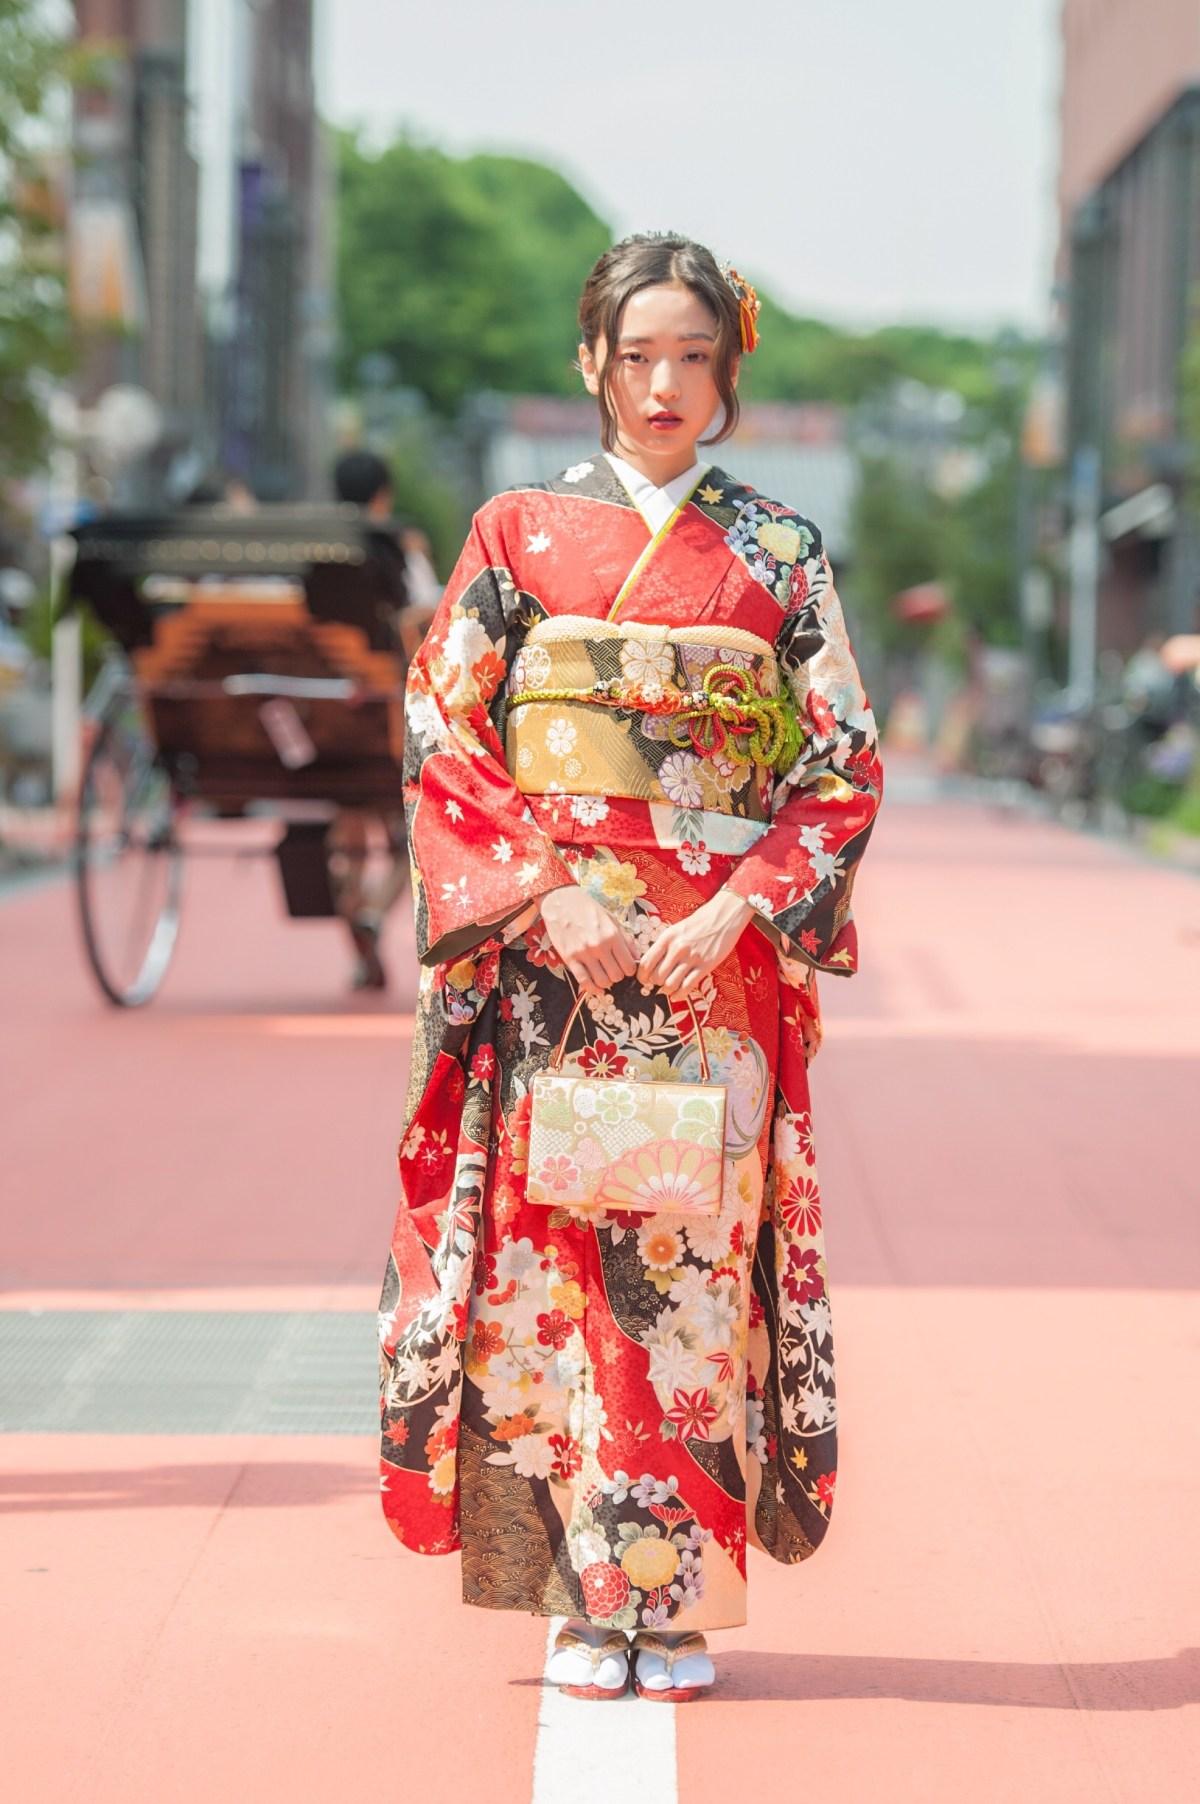 tokyo kimono experience the best place to rent a kimono